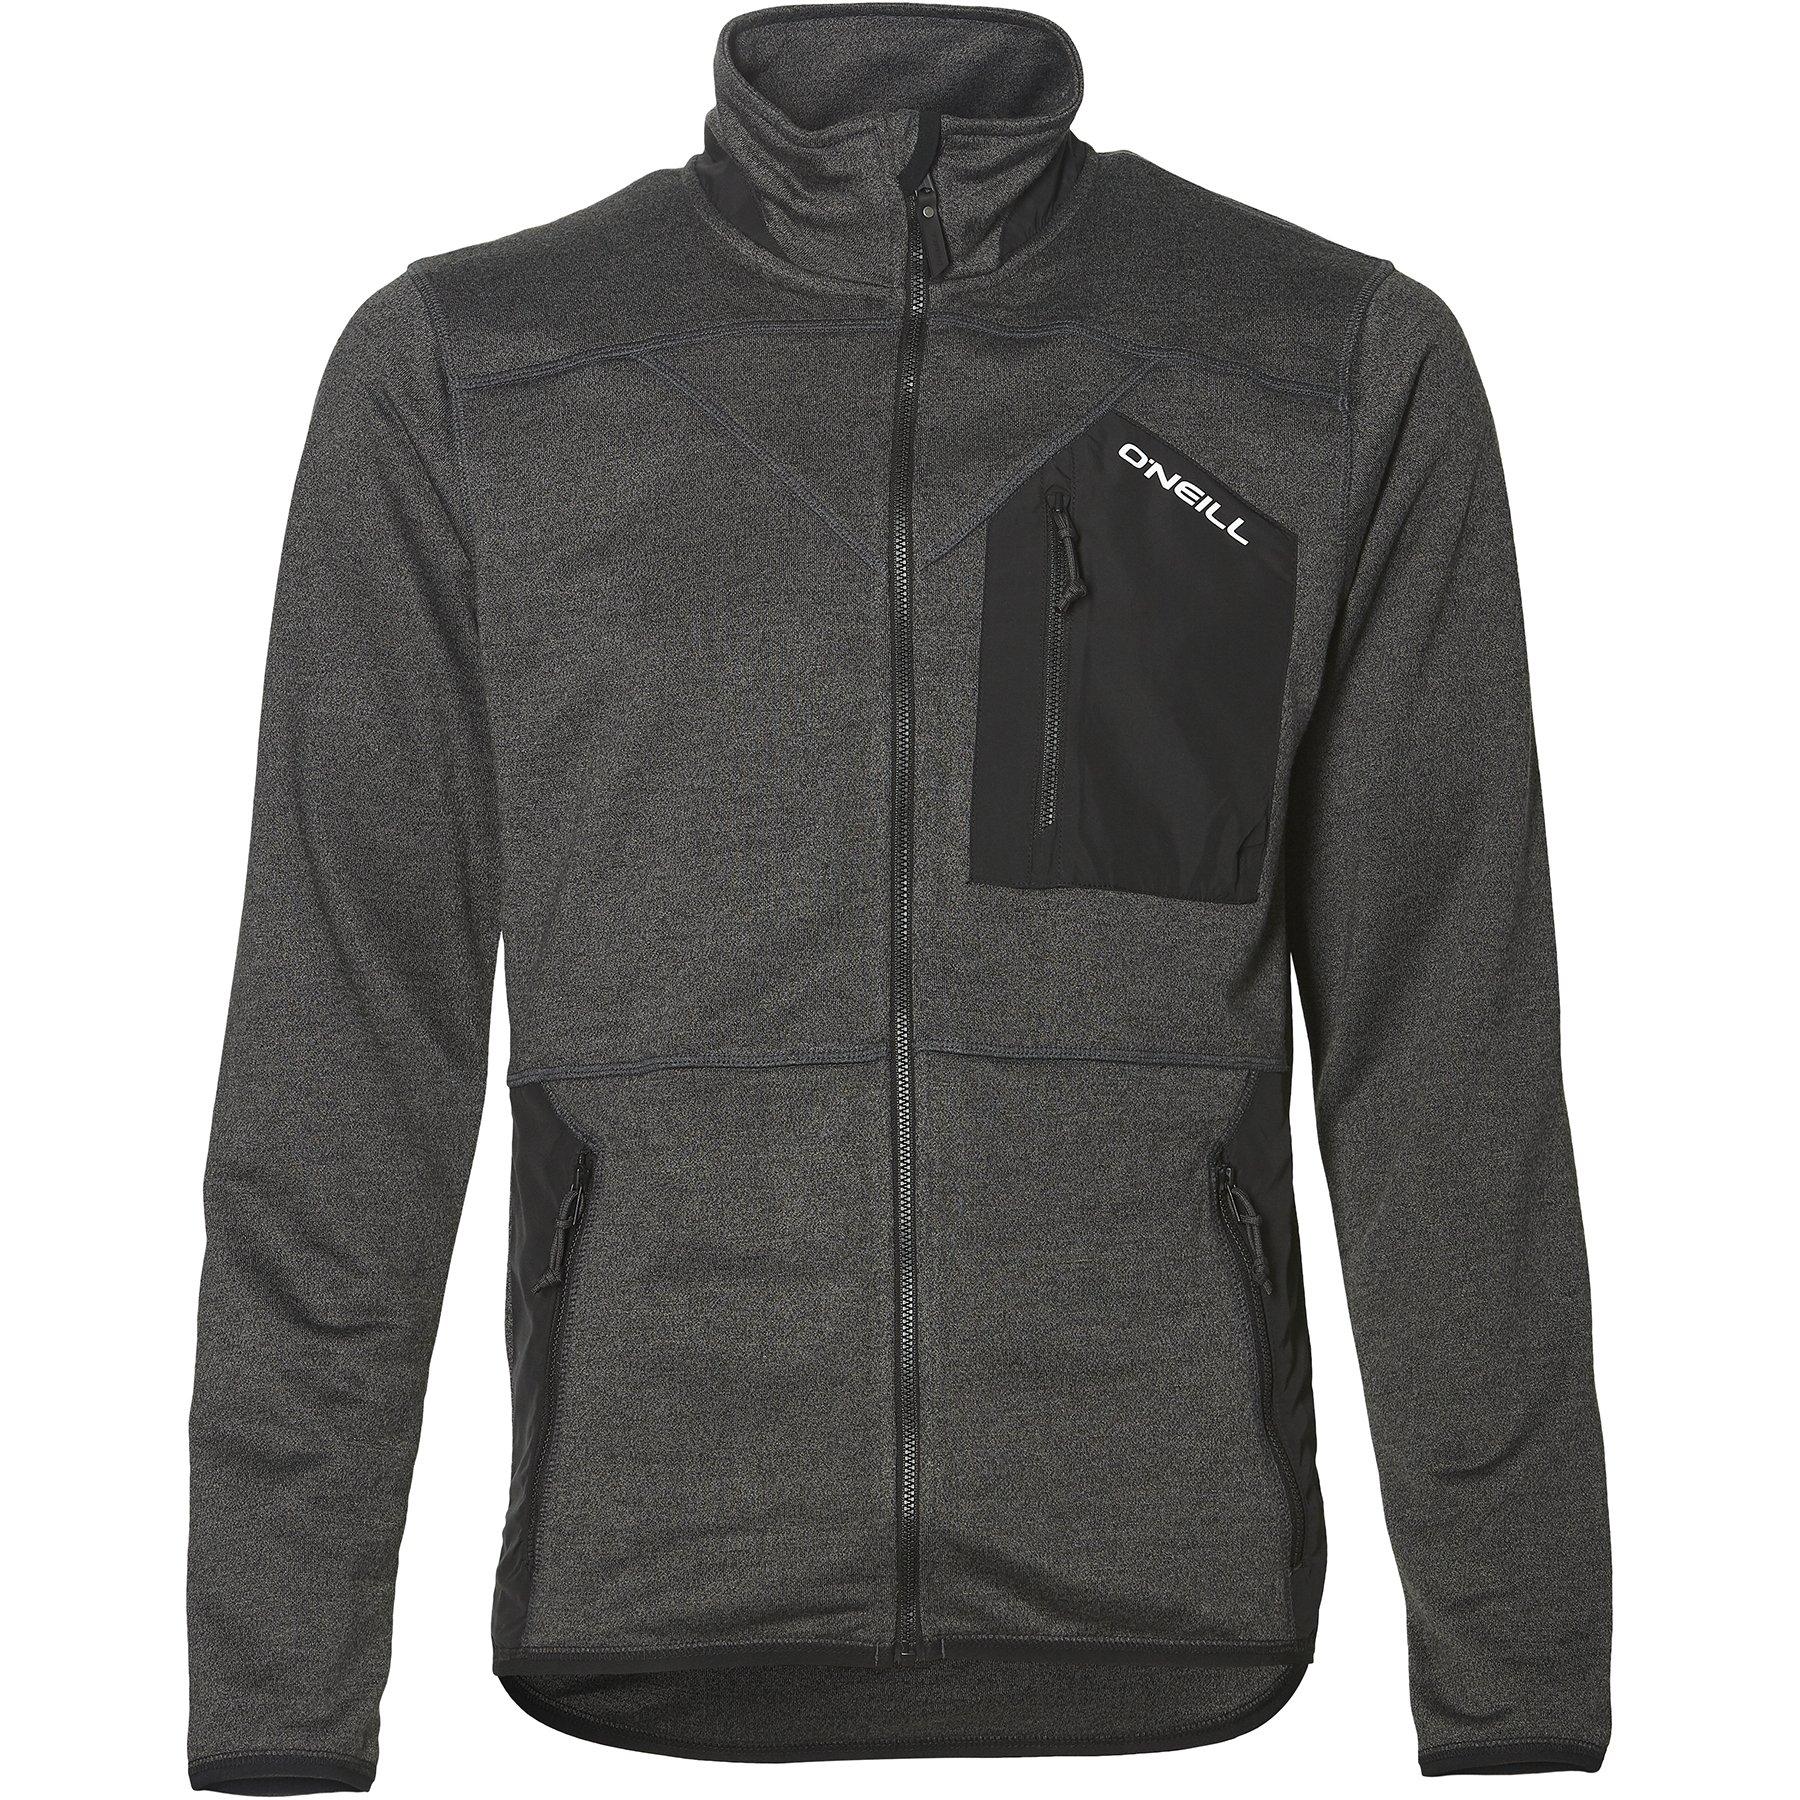 O'neill Fleece Vest »Infinite fz« goedkoop op otto.nl kopen